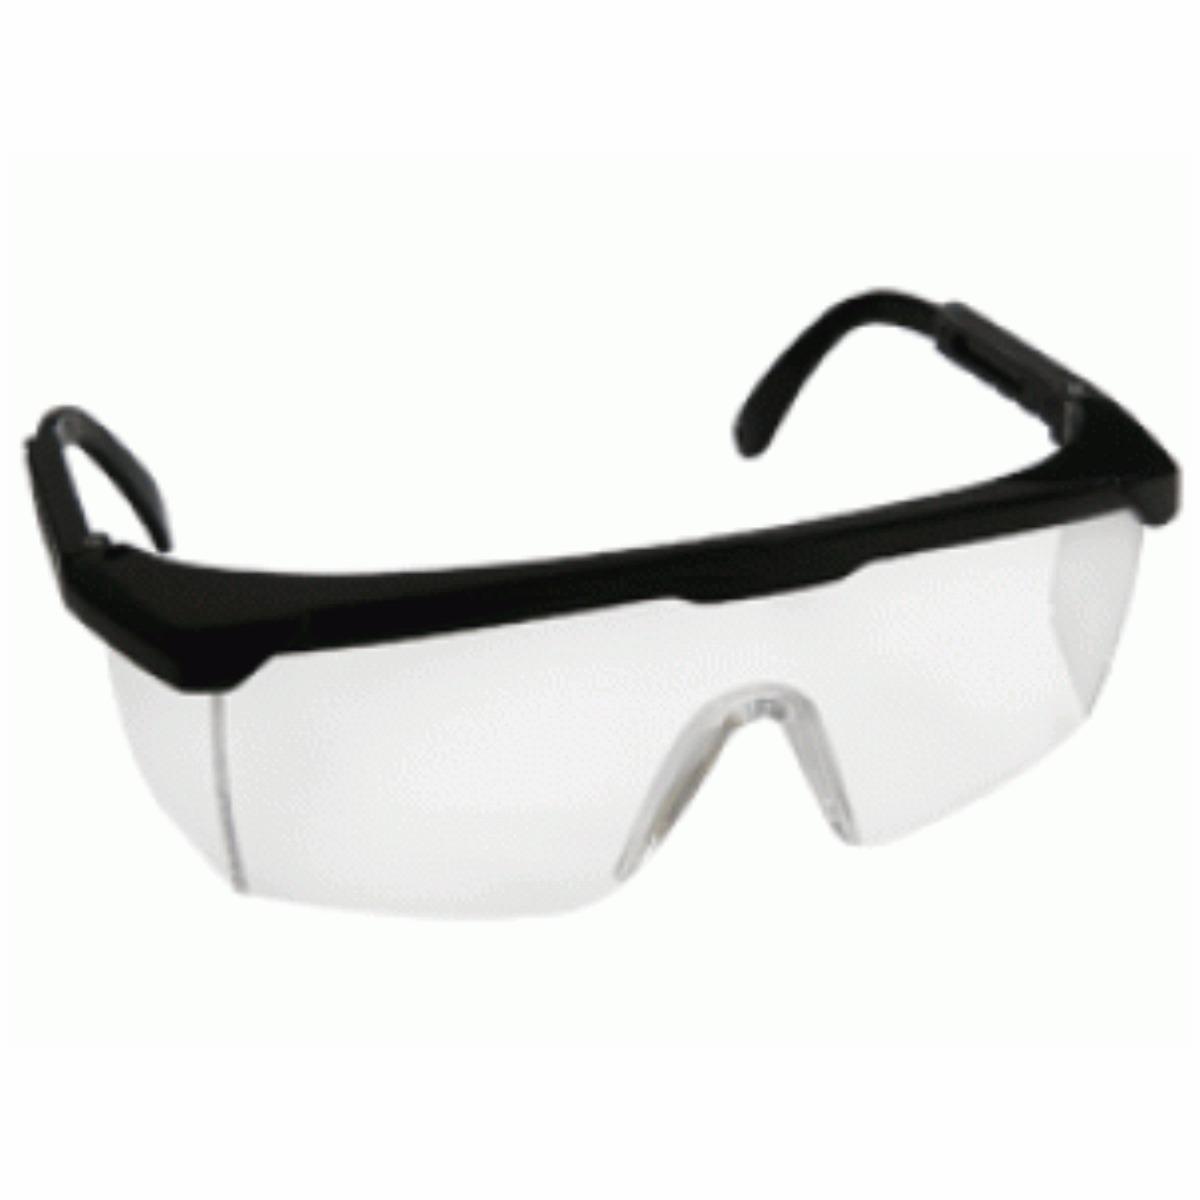 8e4db7c992169 100 Oculos Incolor Protecao Epi Promocao! - R  250,00 em Mercado Livre